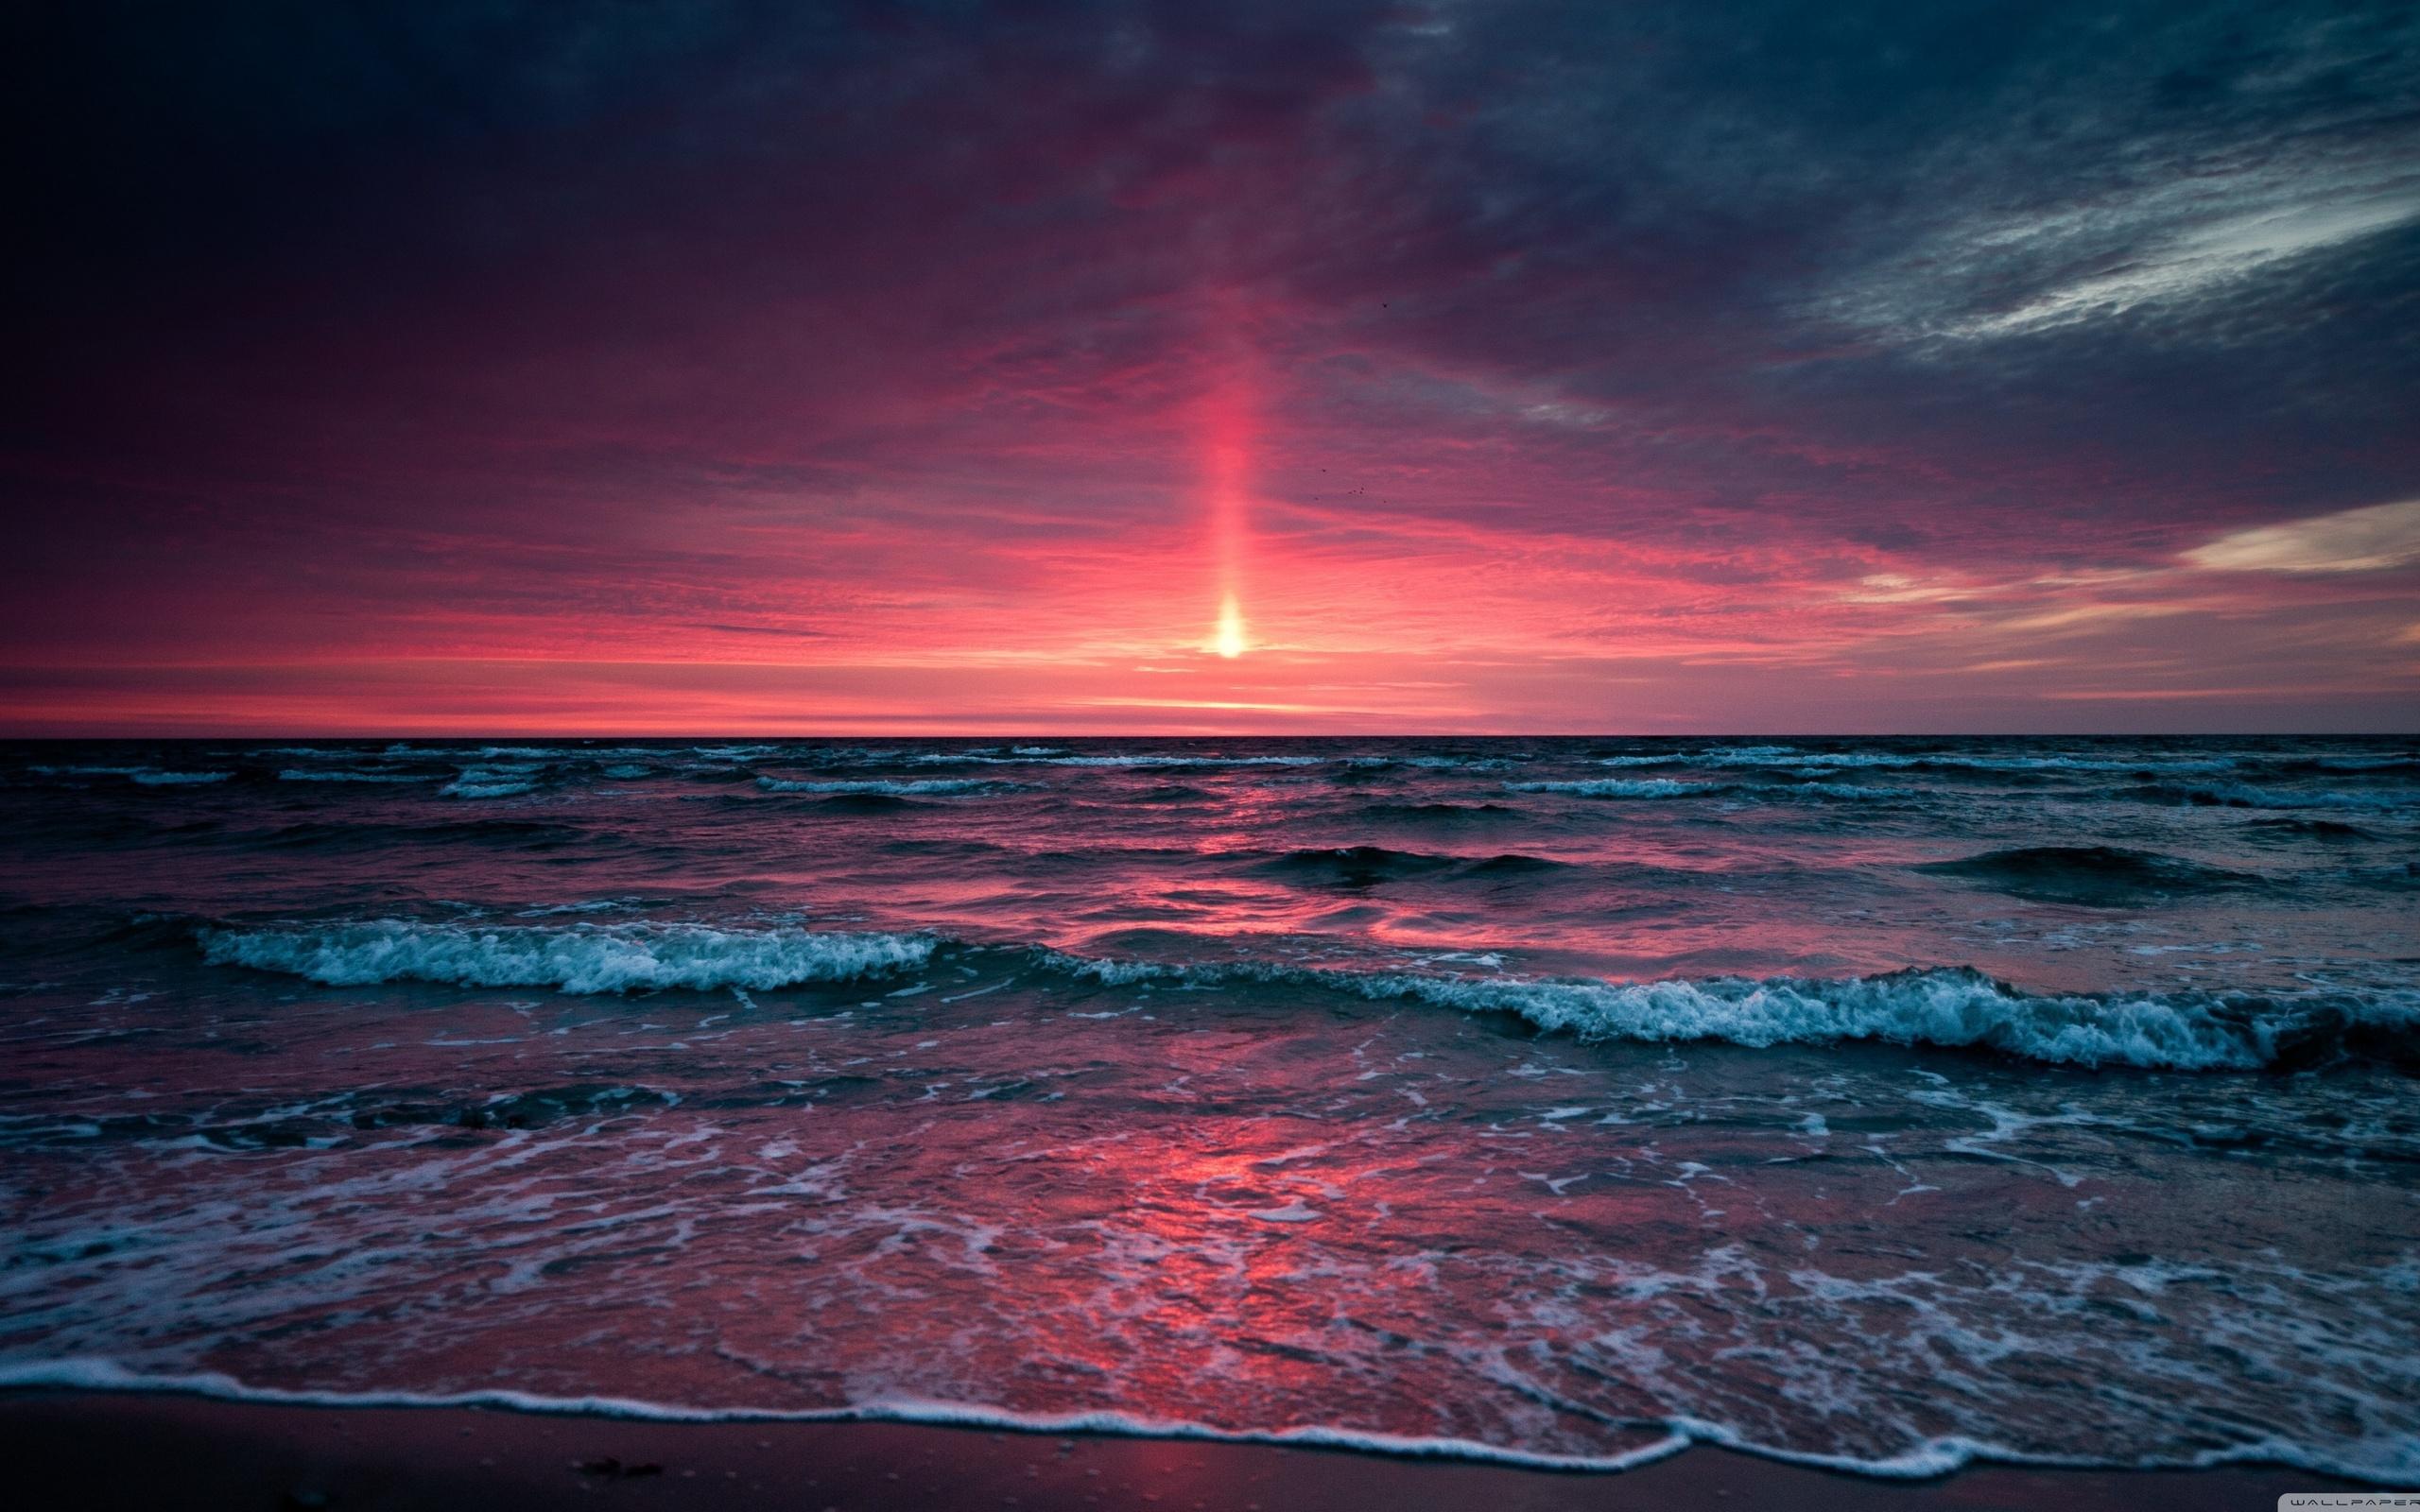 картинки про закат на море населенный пункт